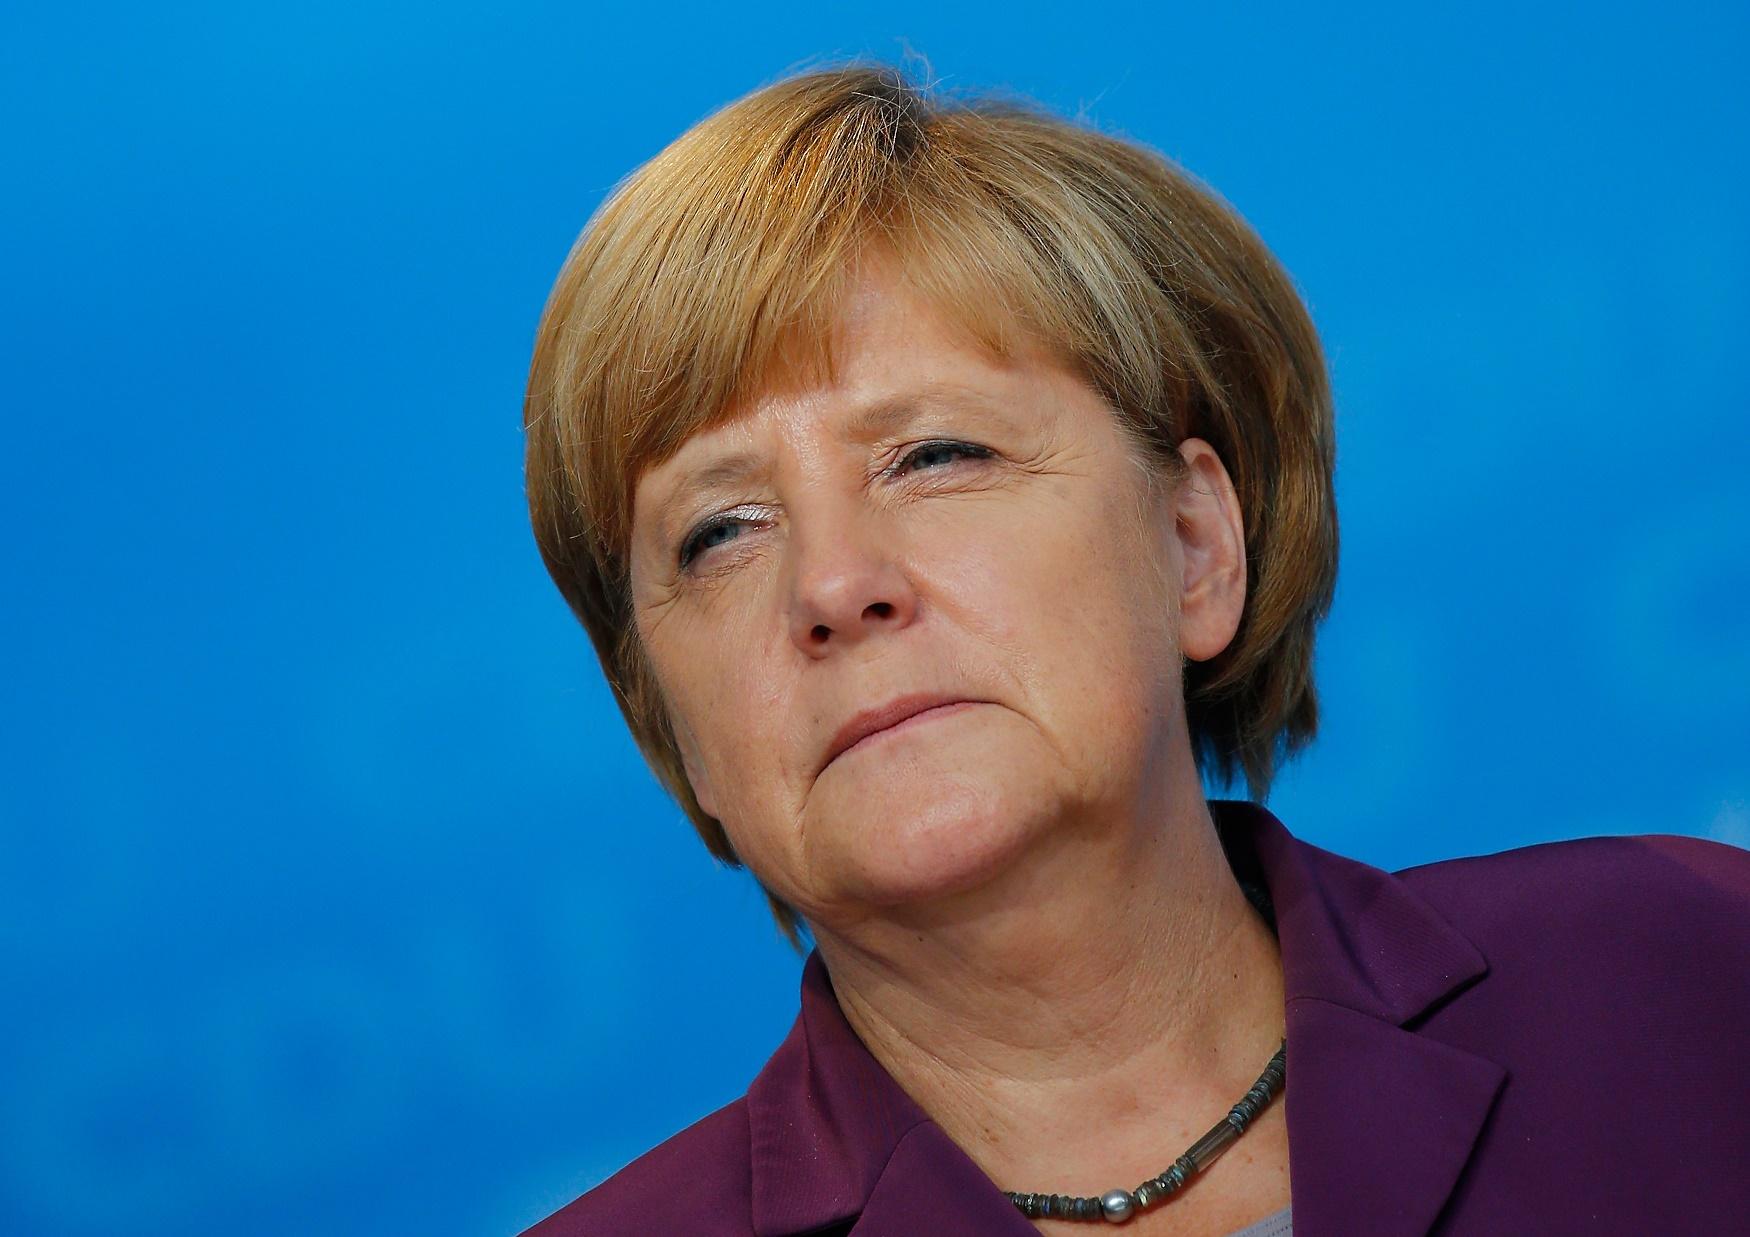 Μέρκελ: «Ούτε σεντ για την Ελλάδα αν δεν κάνει μεταρρυθμίσεις»